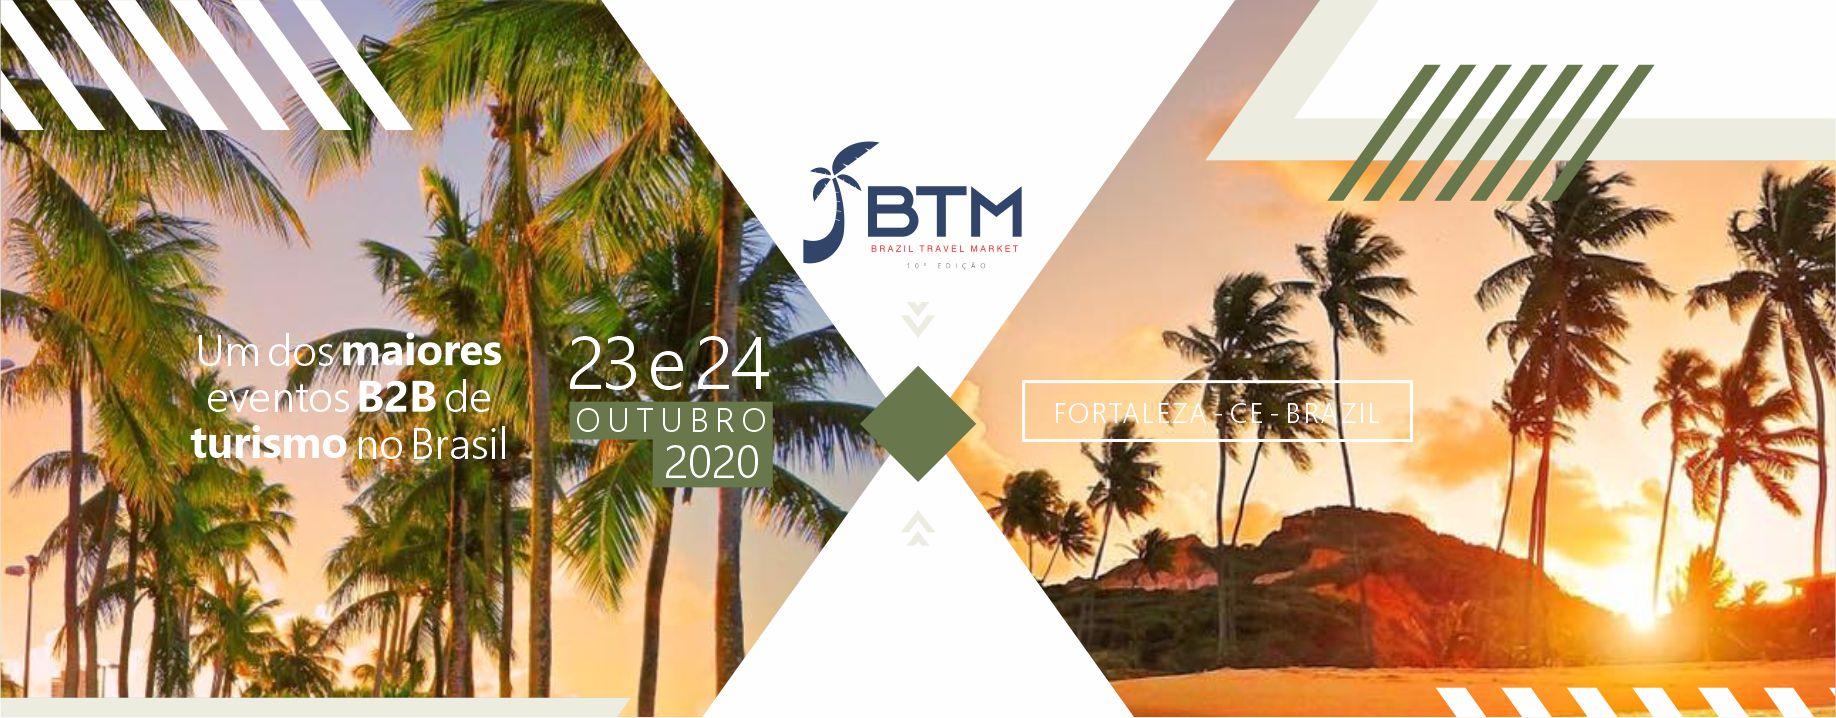 O frio Enquanto isso, nos dias 23 e 24 de outubro em Fortaleza, acontece o maior feira de turismo do Norte/Nordeste do Brasil, com a presença maciça do trade de turismo nacional e internacional.